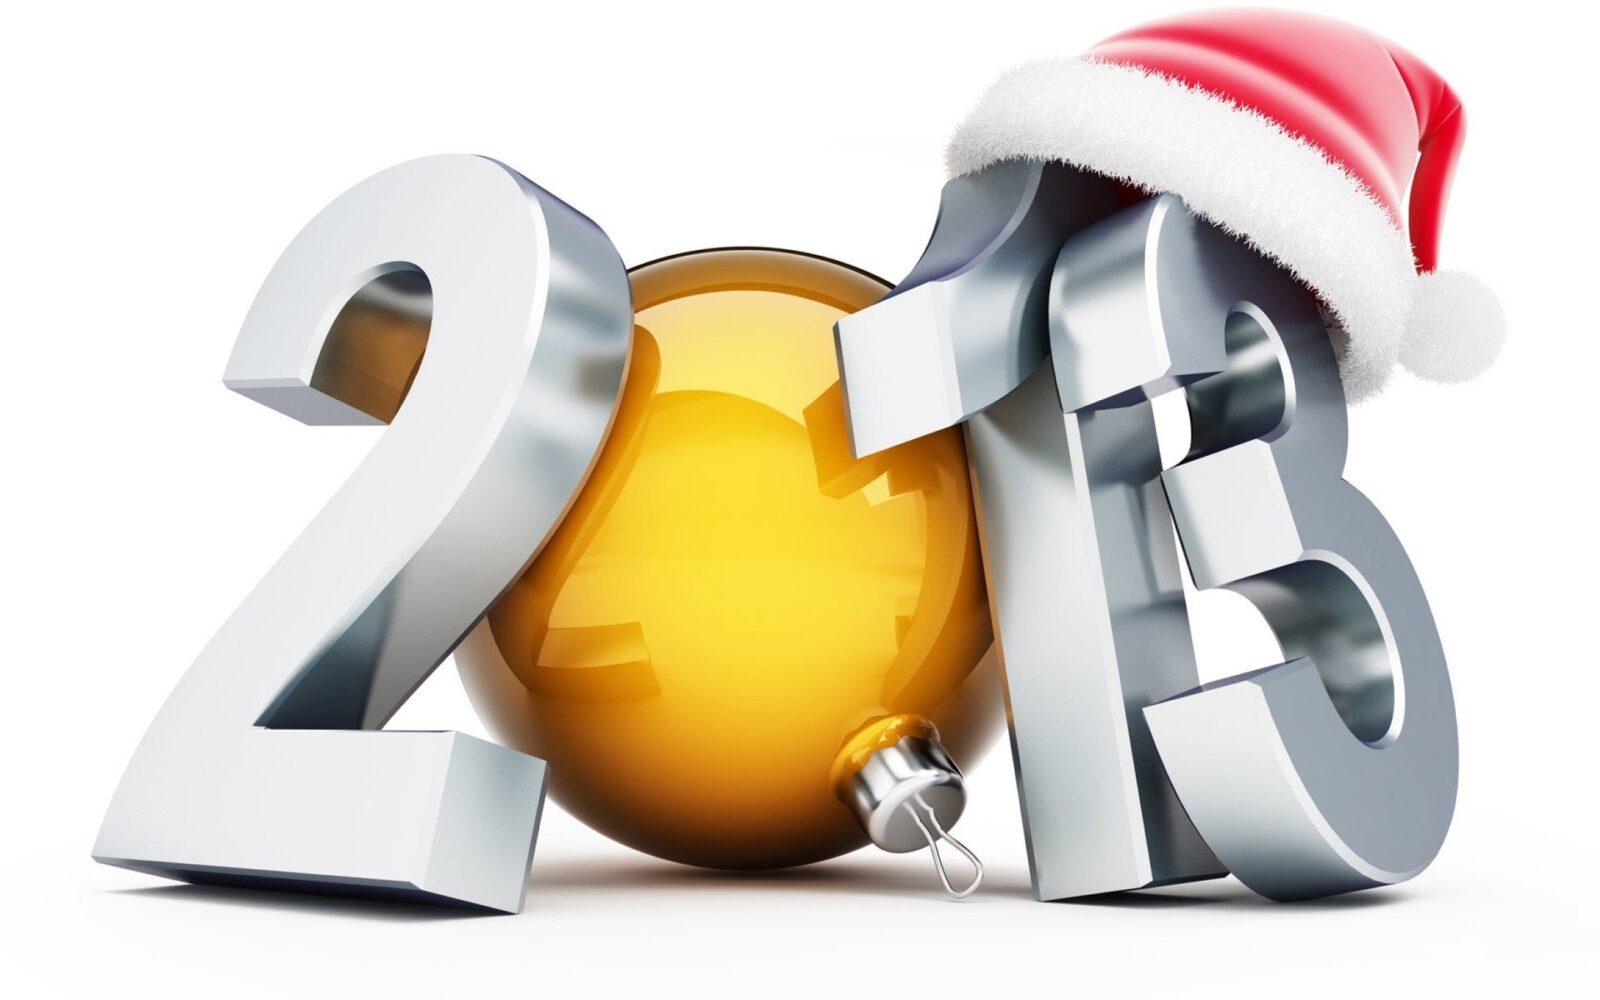 С новым 2013 годом, друзья!